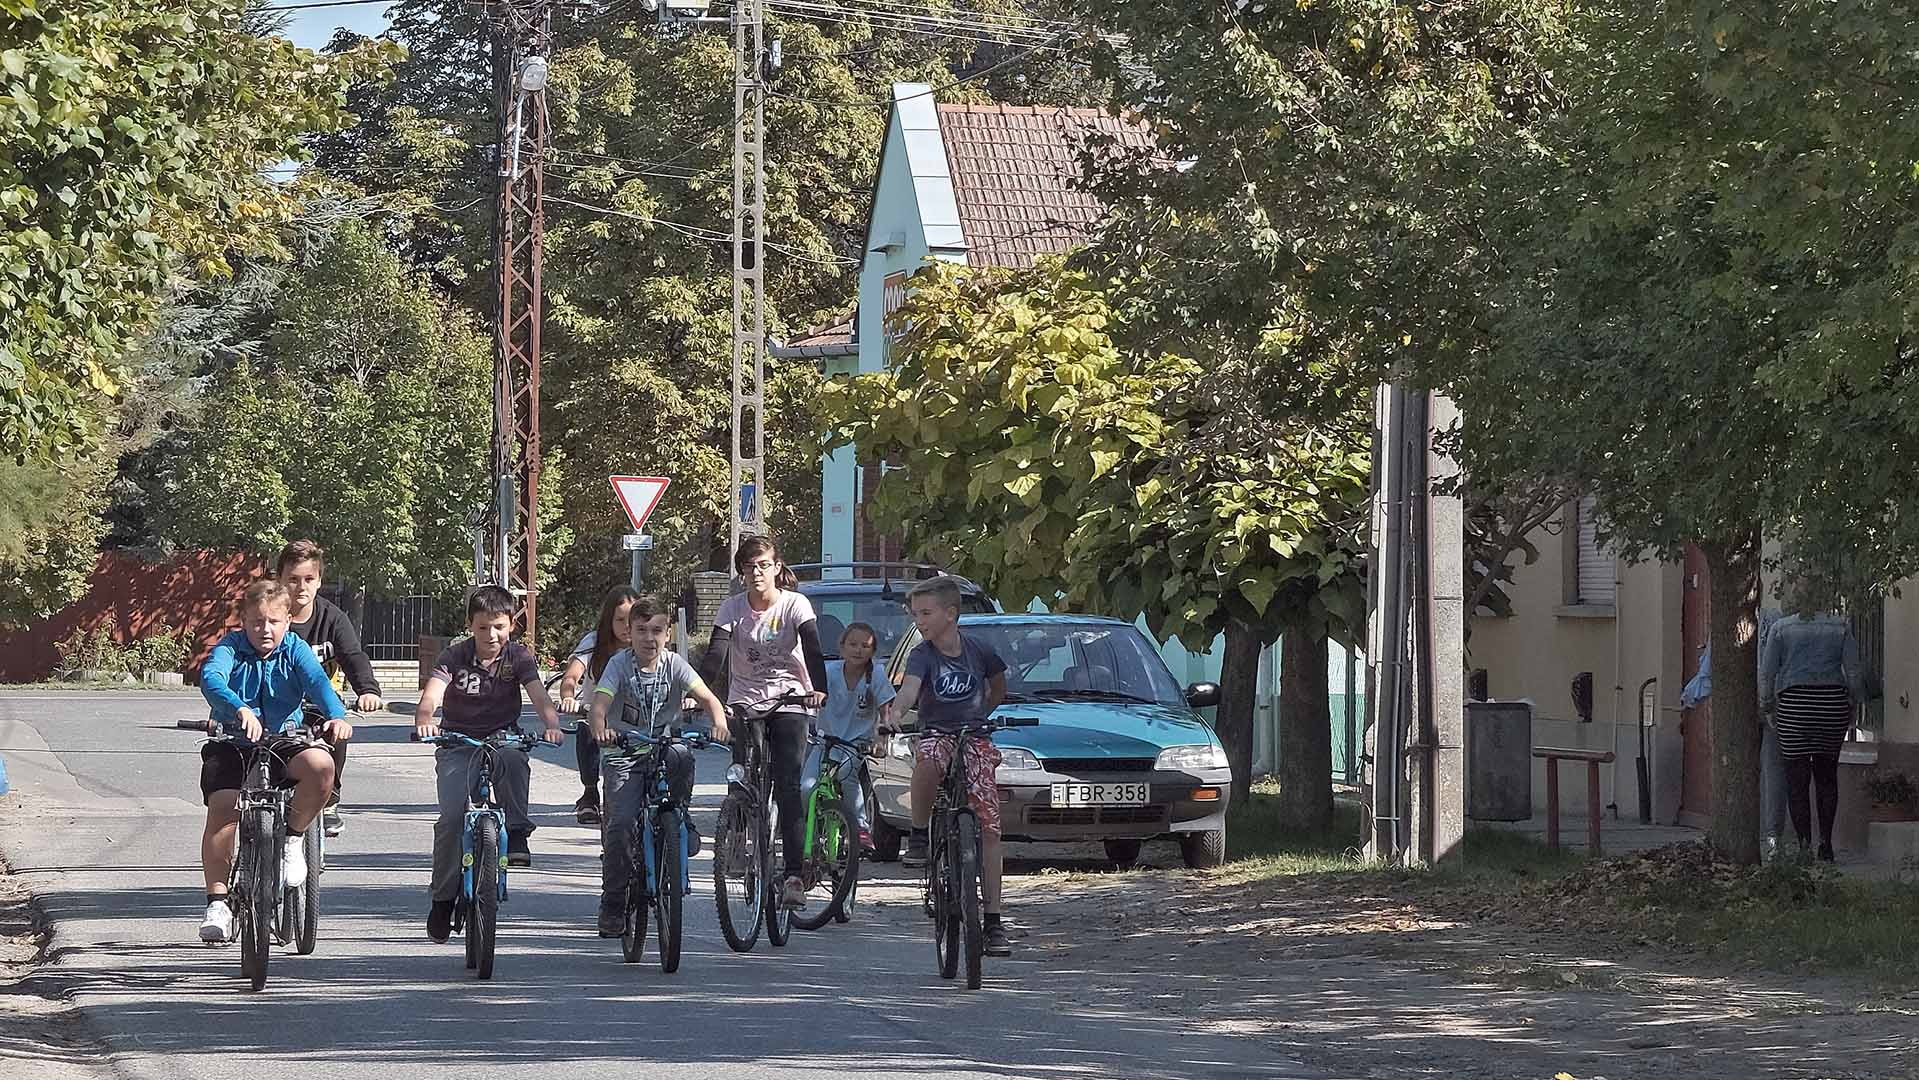 autós forgalom bicikli biciklisek bicikliszerviz biciklitároló bicikliző falu bordány dr. fodor ákos falu internetes oktatóvideó kerékpár kerékpárosbarát település kerékpárutak közlekedési eszköz szurovecz kitti tanács gábor